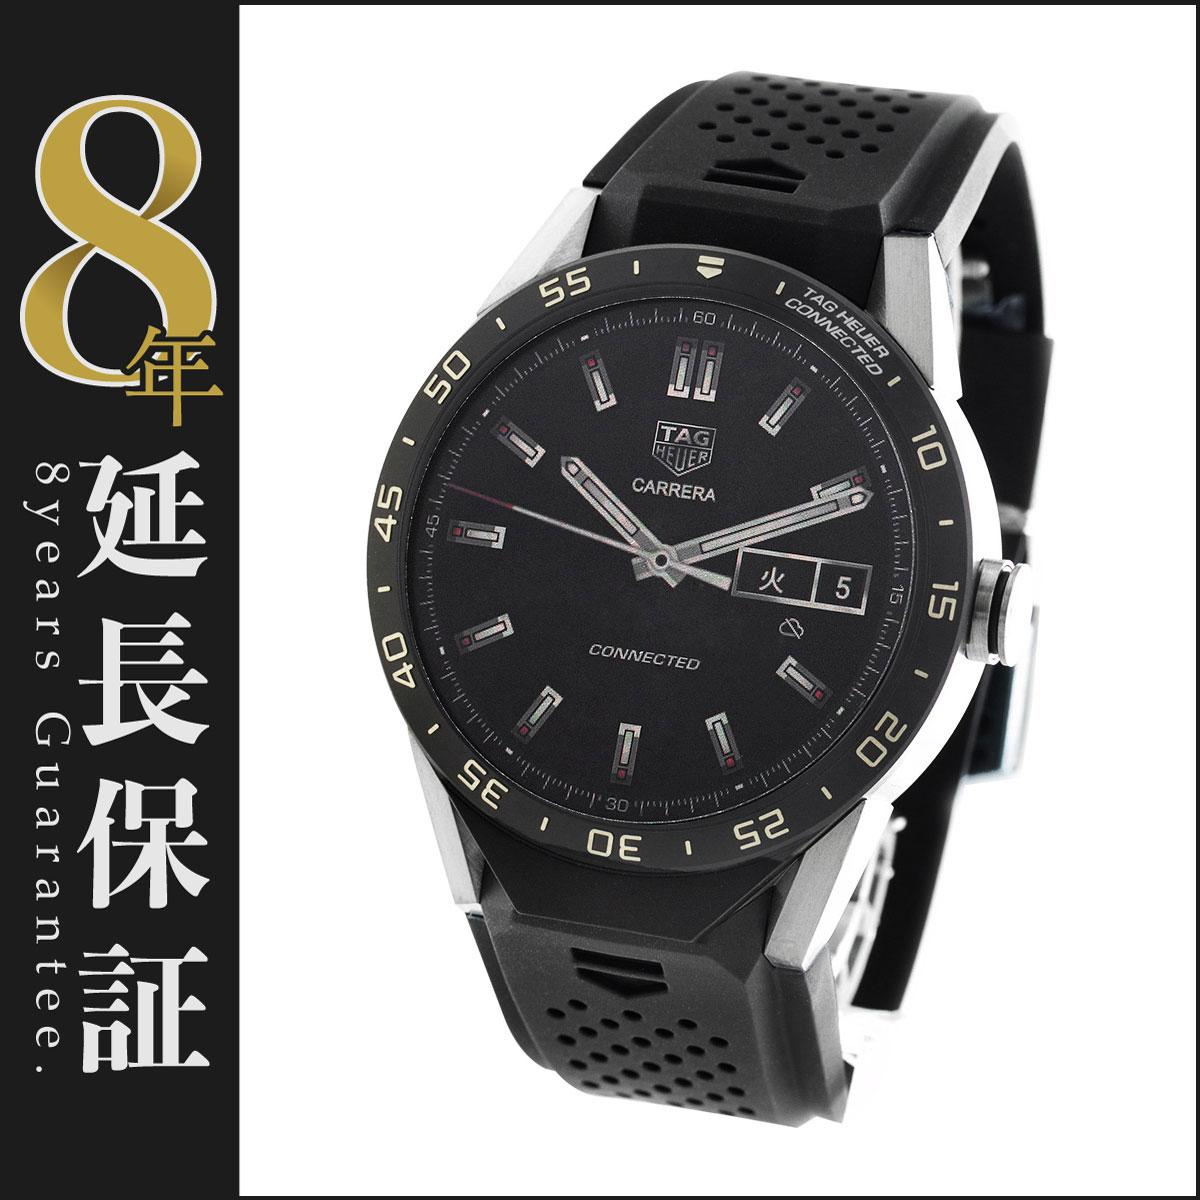 タグホイヤー TAG Heuer 腕時計 コネクテッド メンズ SAR8A80.FT6045_8